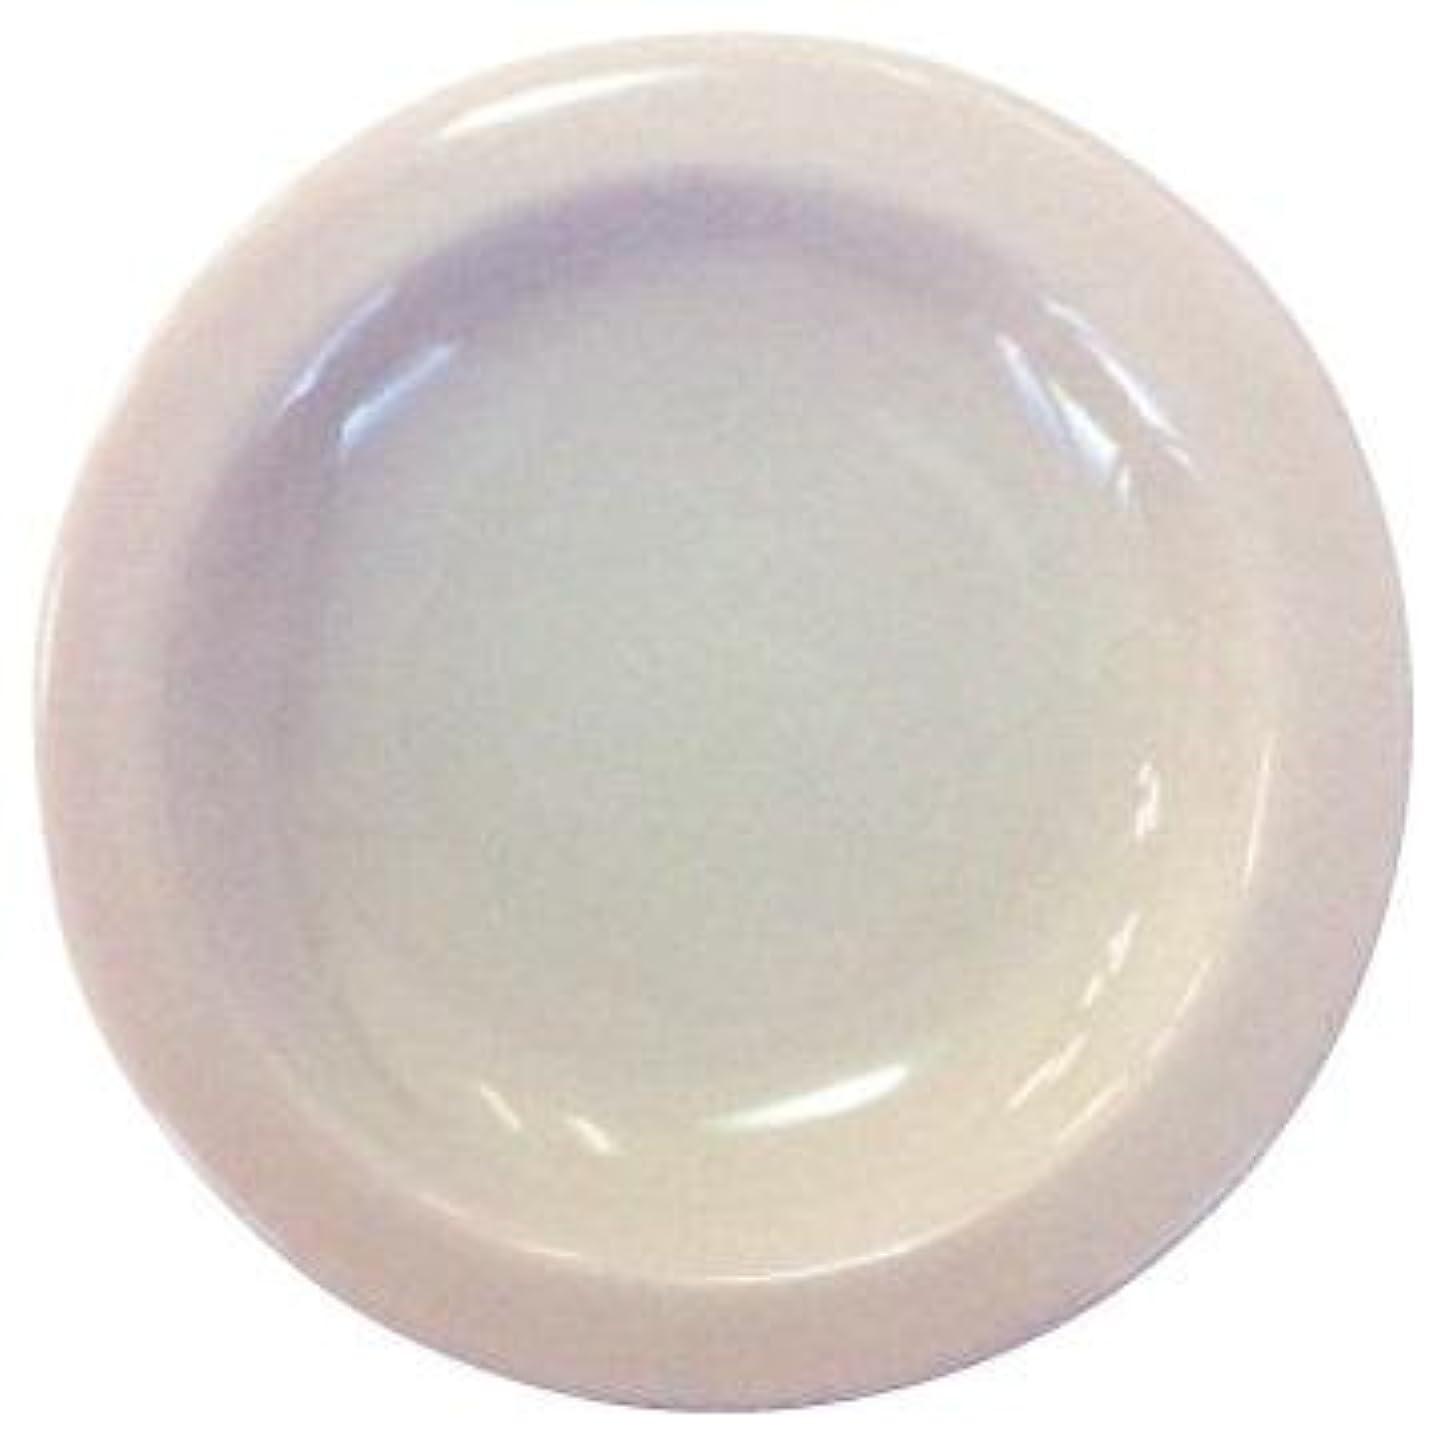 率直な不忠漂流生活の木 アロマランプL フラワー用精油皿(上皿)